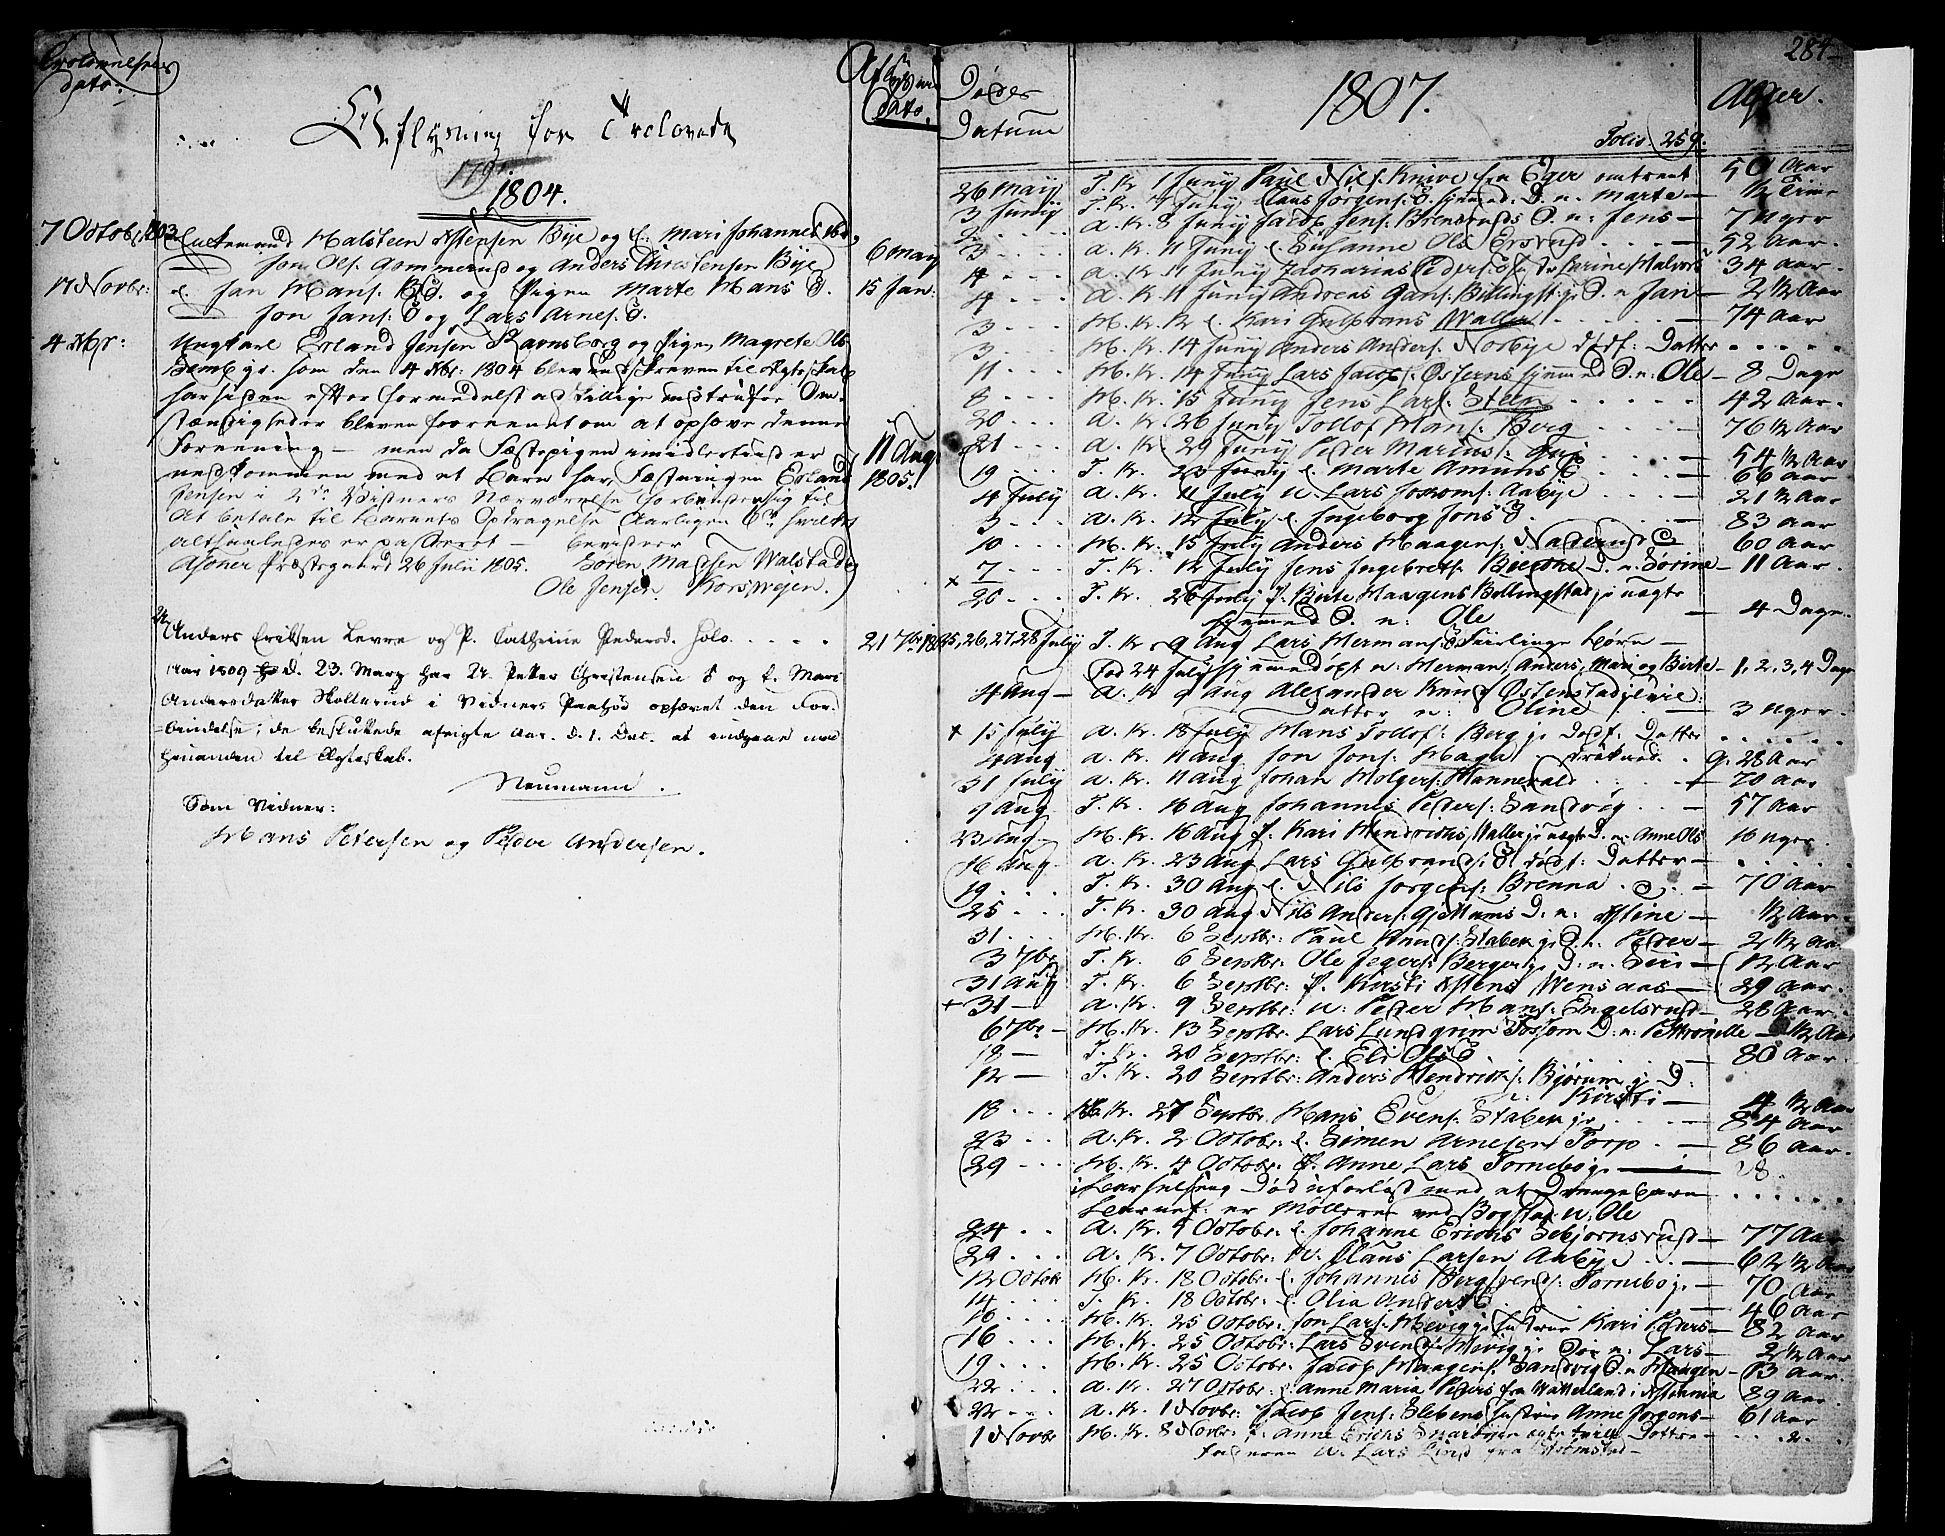 SAO, Asker prestekontor Kirkebøker, F/Fa/L0003: Ministerialbok nr. I 3, 1767-1807, s. 284